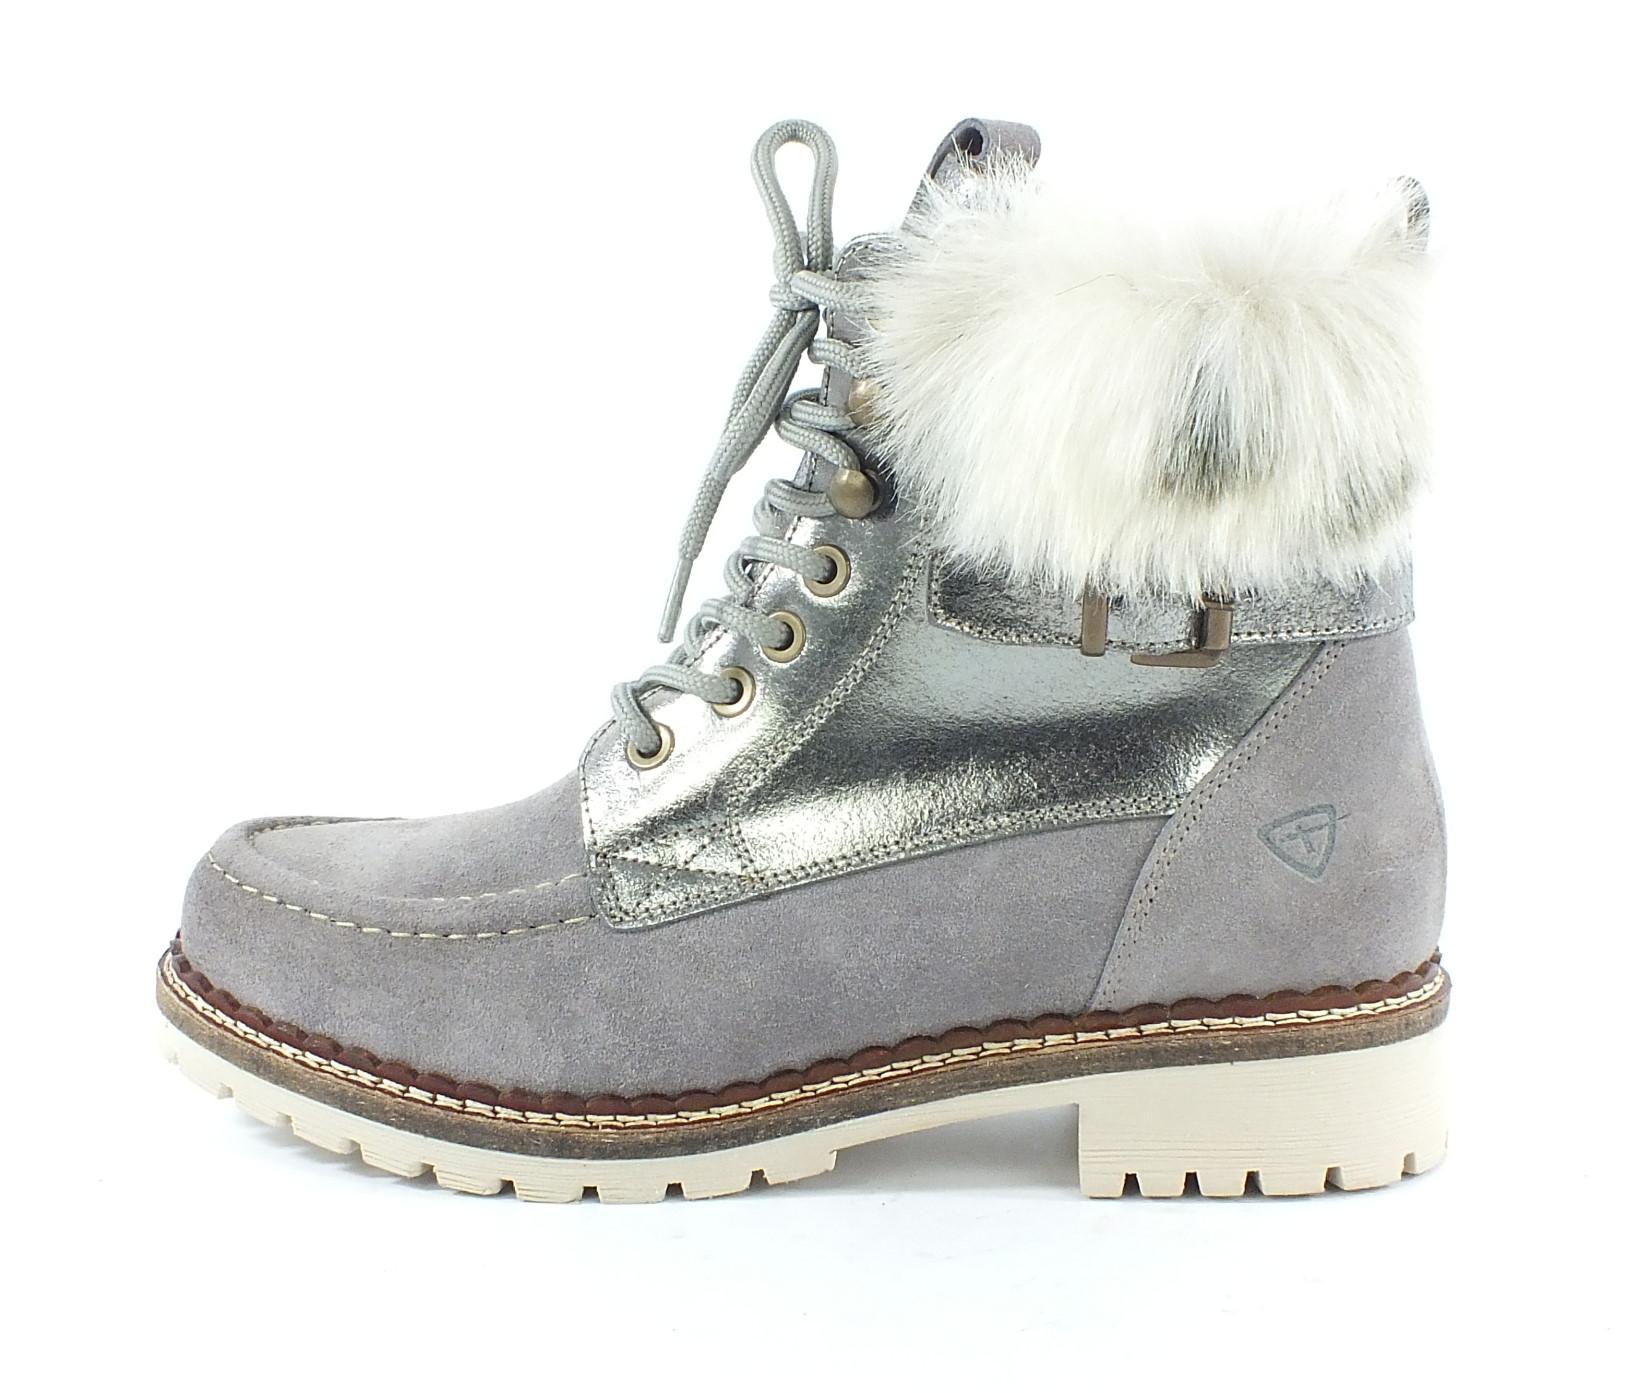 neu tamaris leder boots stiefelette warmfutter grau 7172. Black Bedroom Furniture Sets. Home Design Ideas